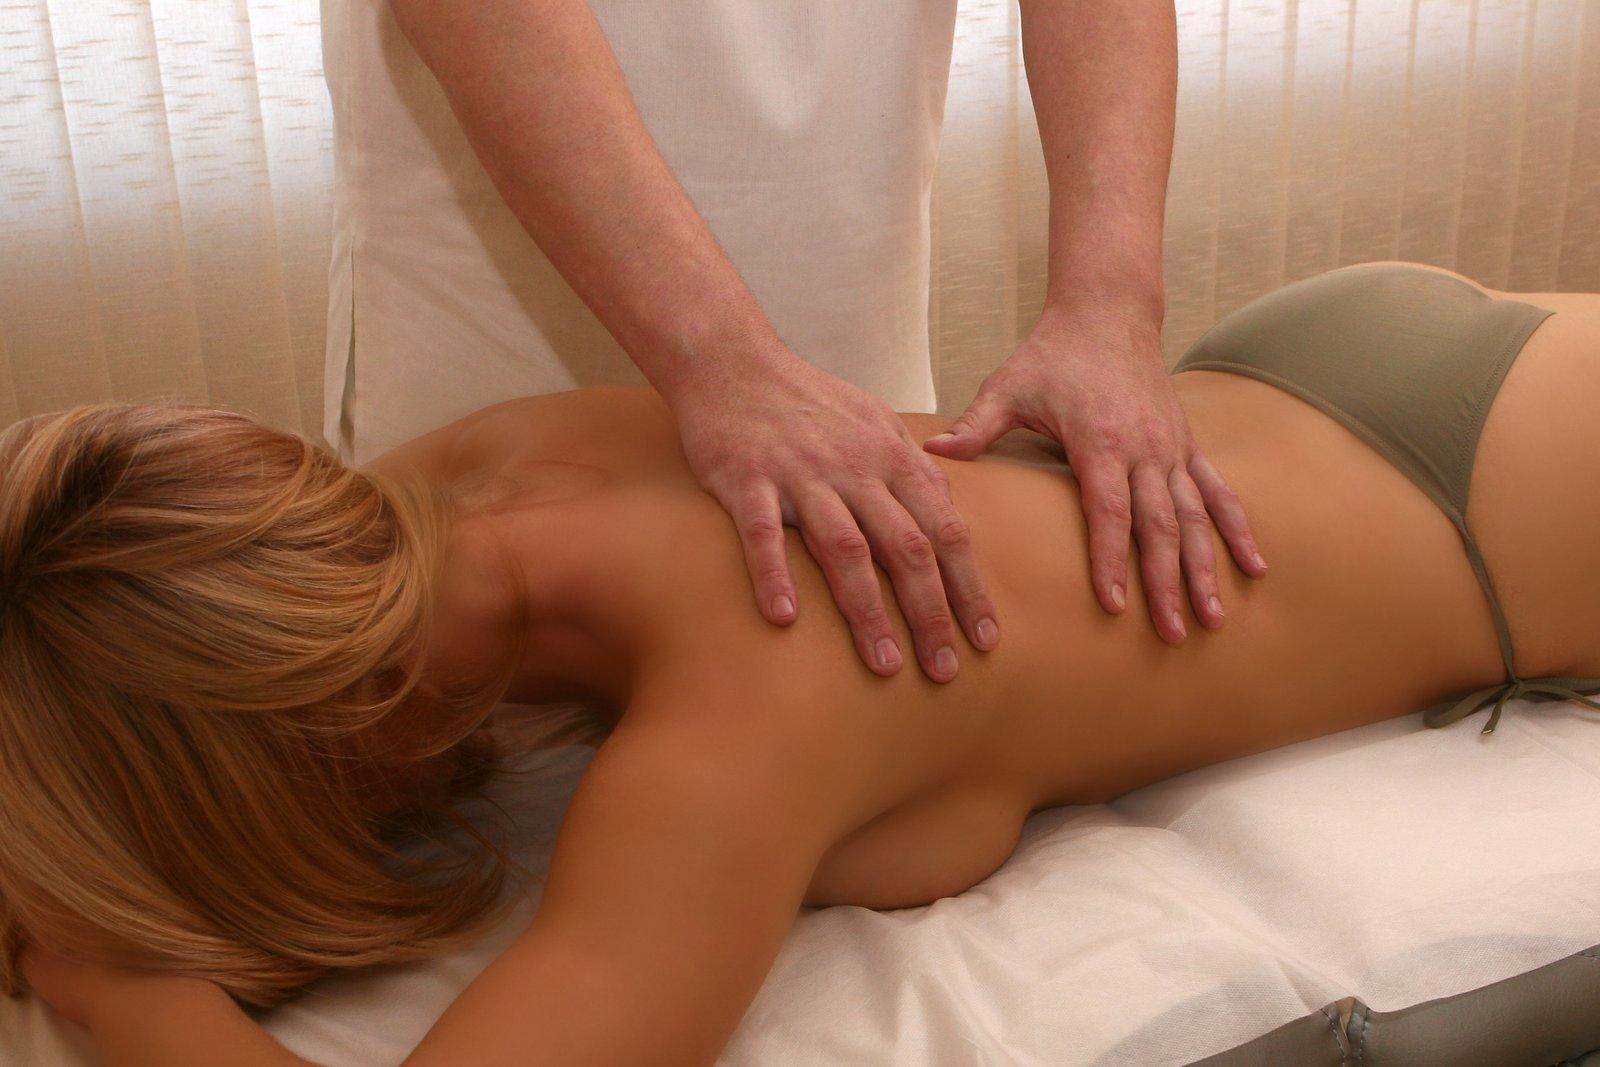 russkiy-massazh-intimnih-zon-seks-video